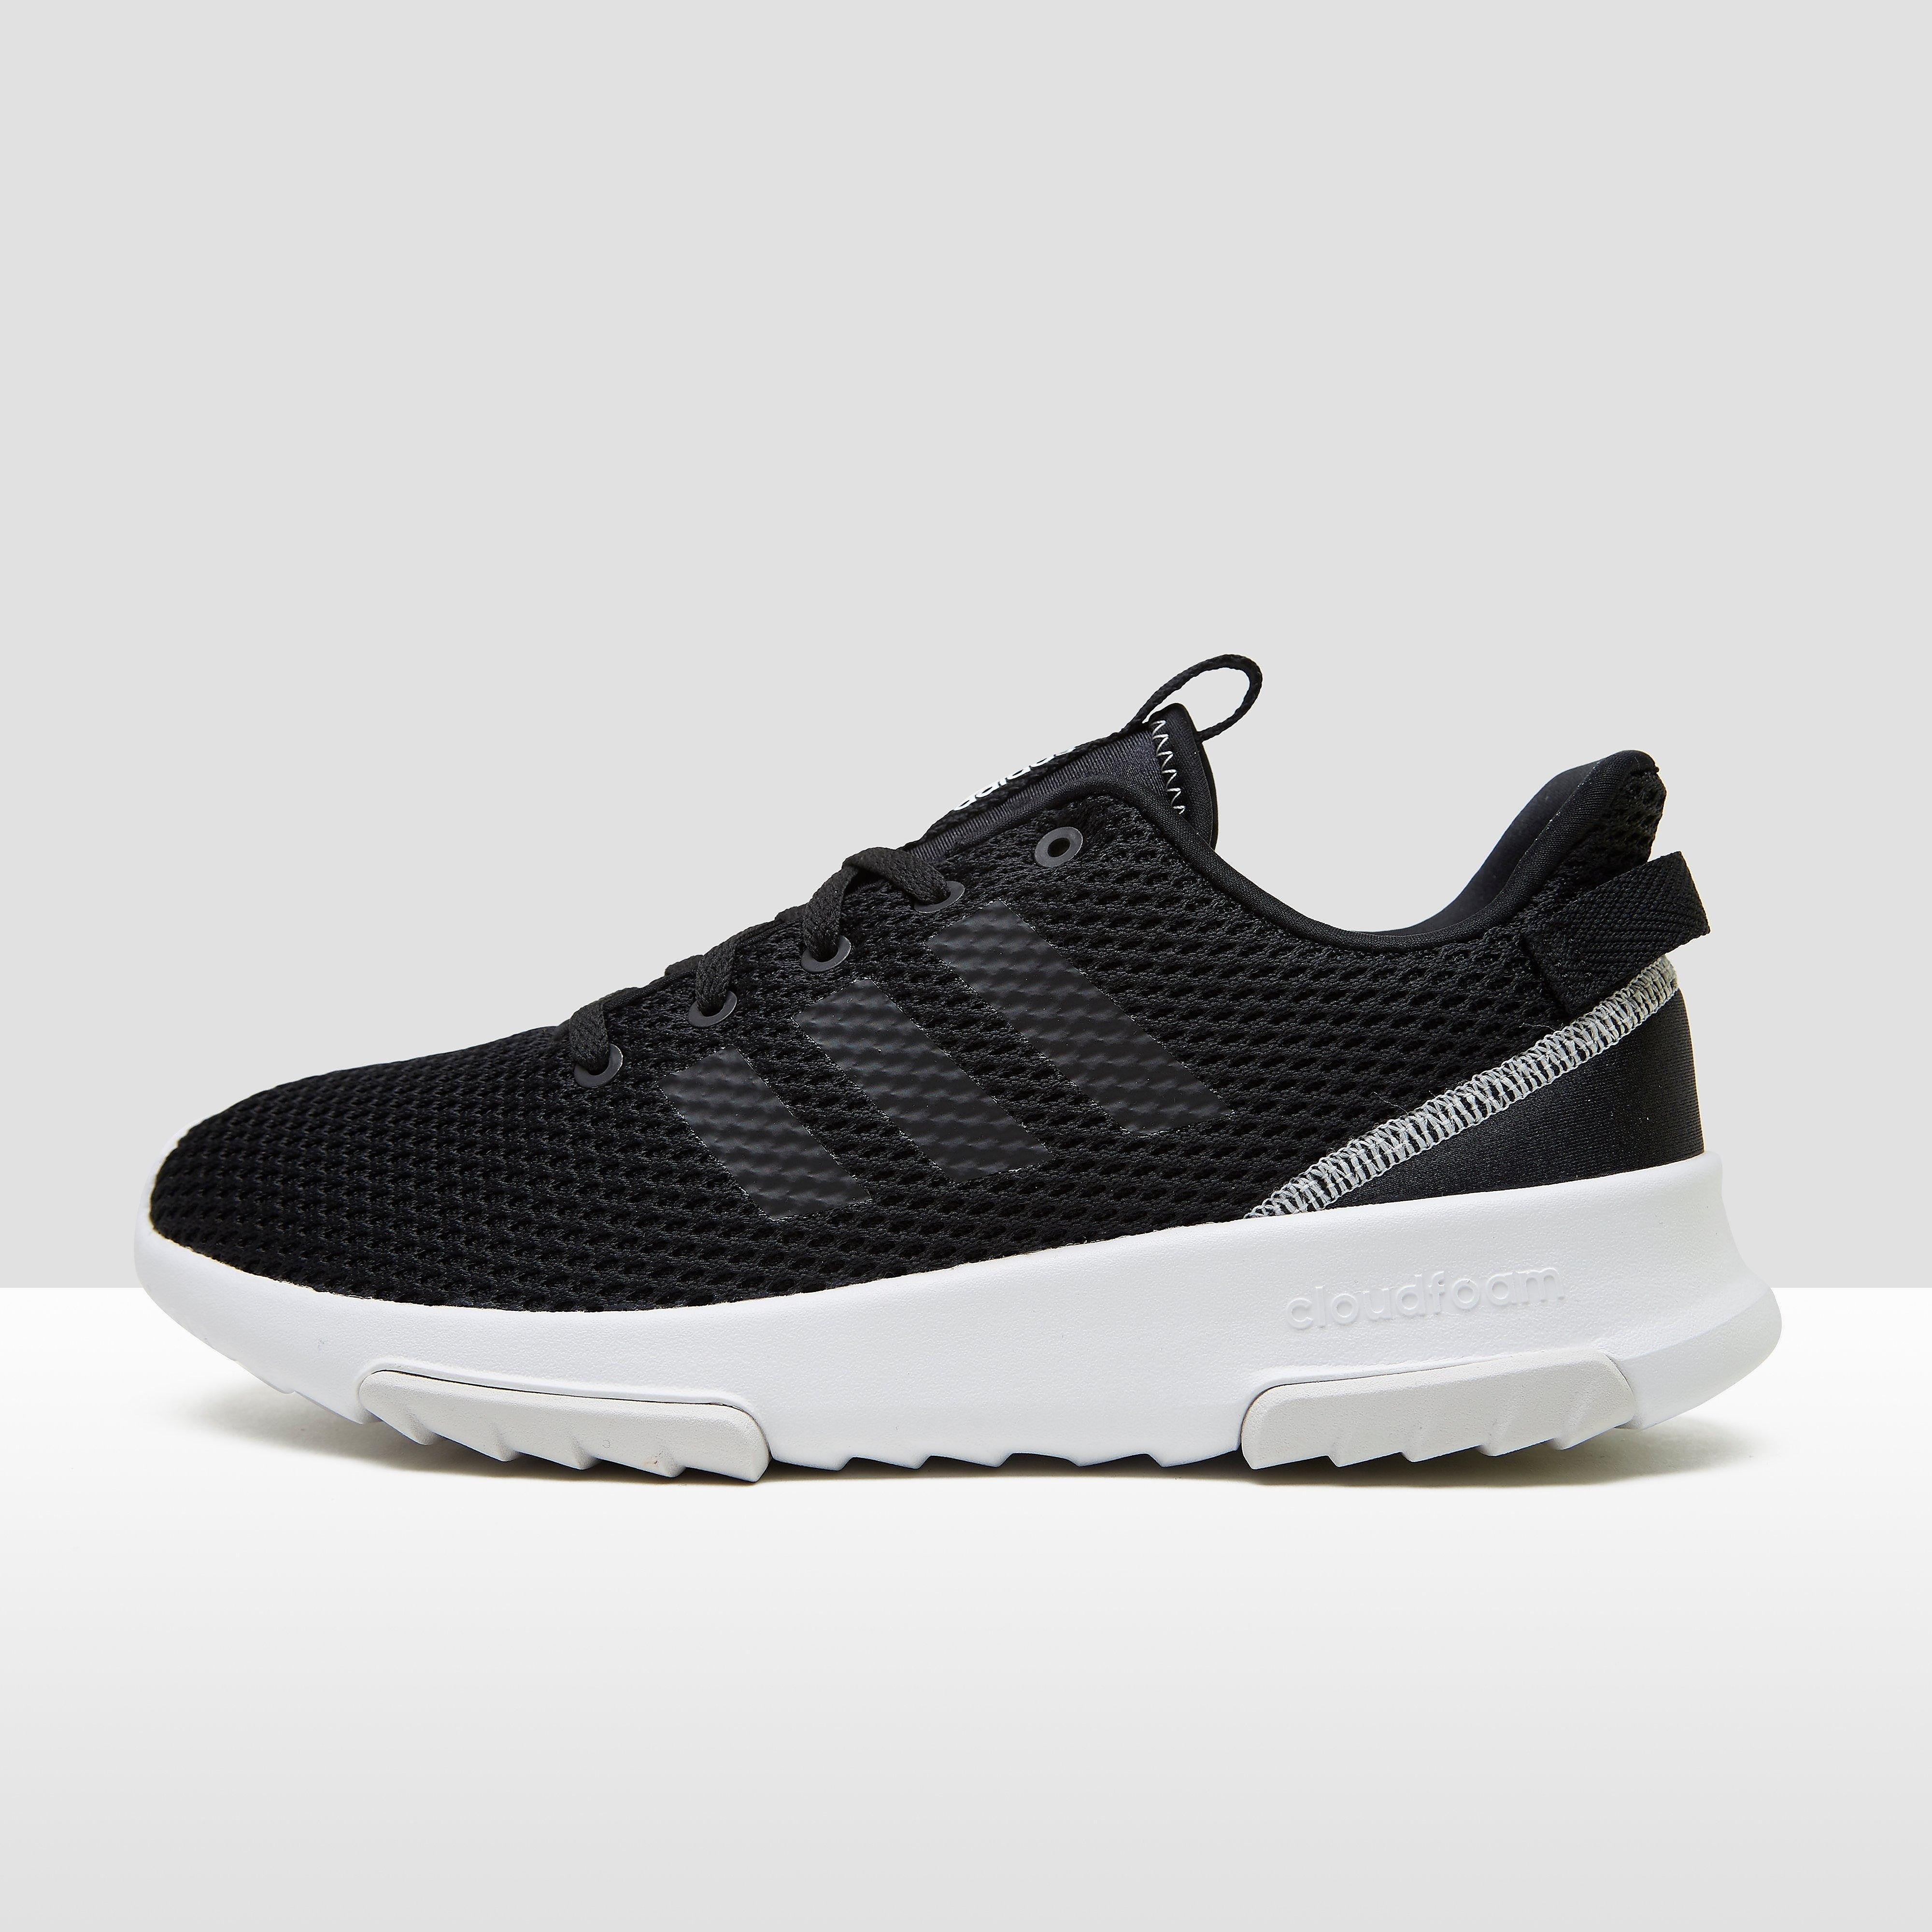 Cloudfoam Racer Tr Sneakers Zwart Dames. Size 36